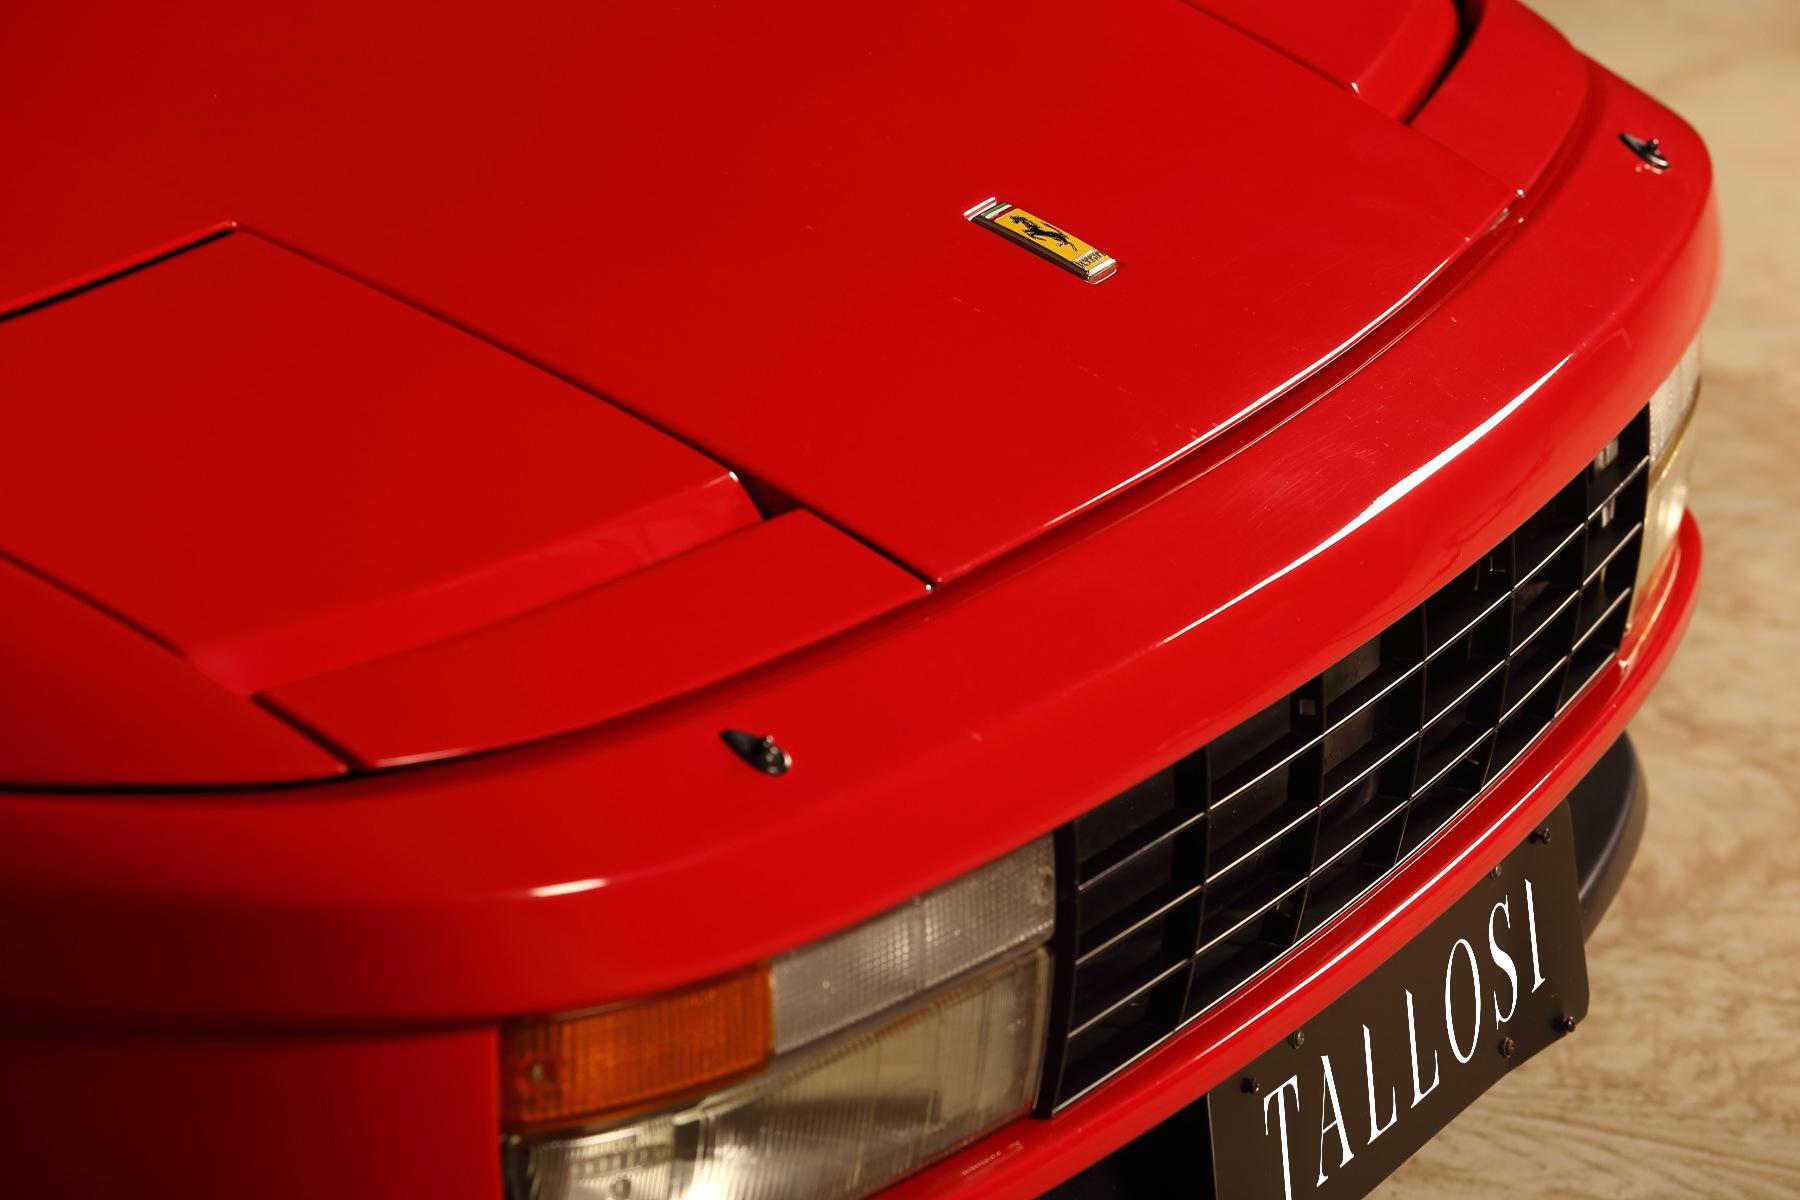 tallosi-0006